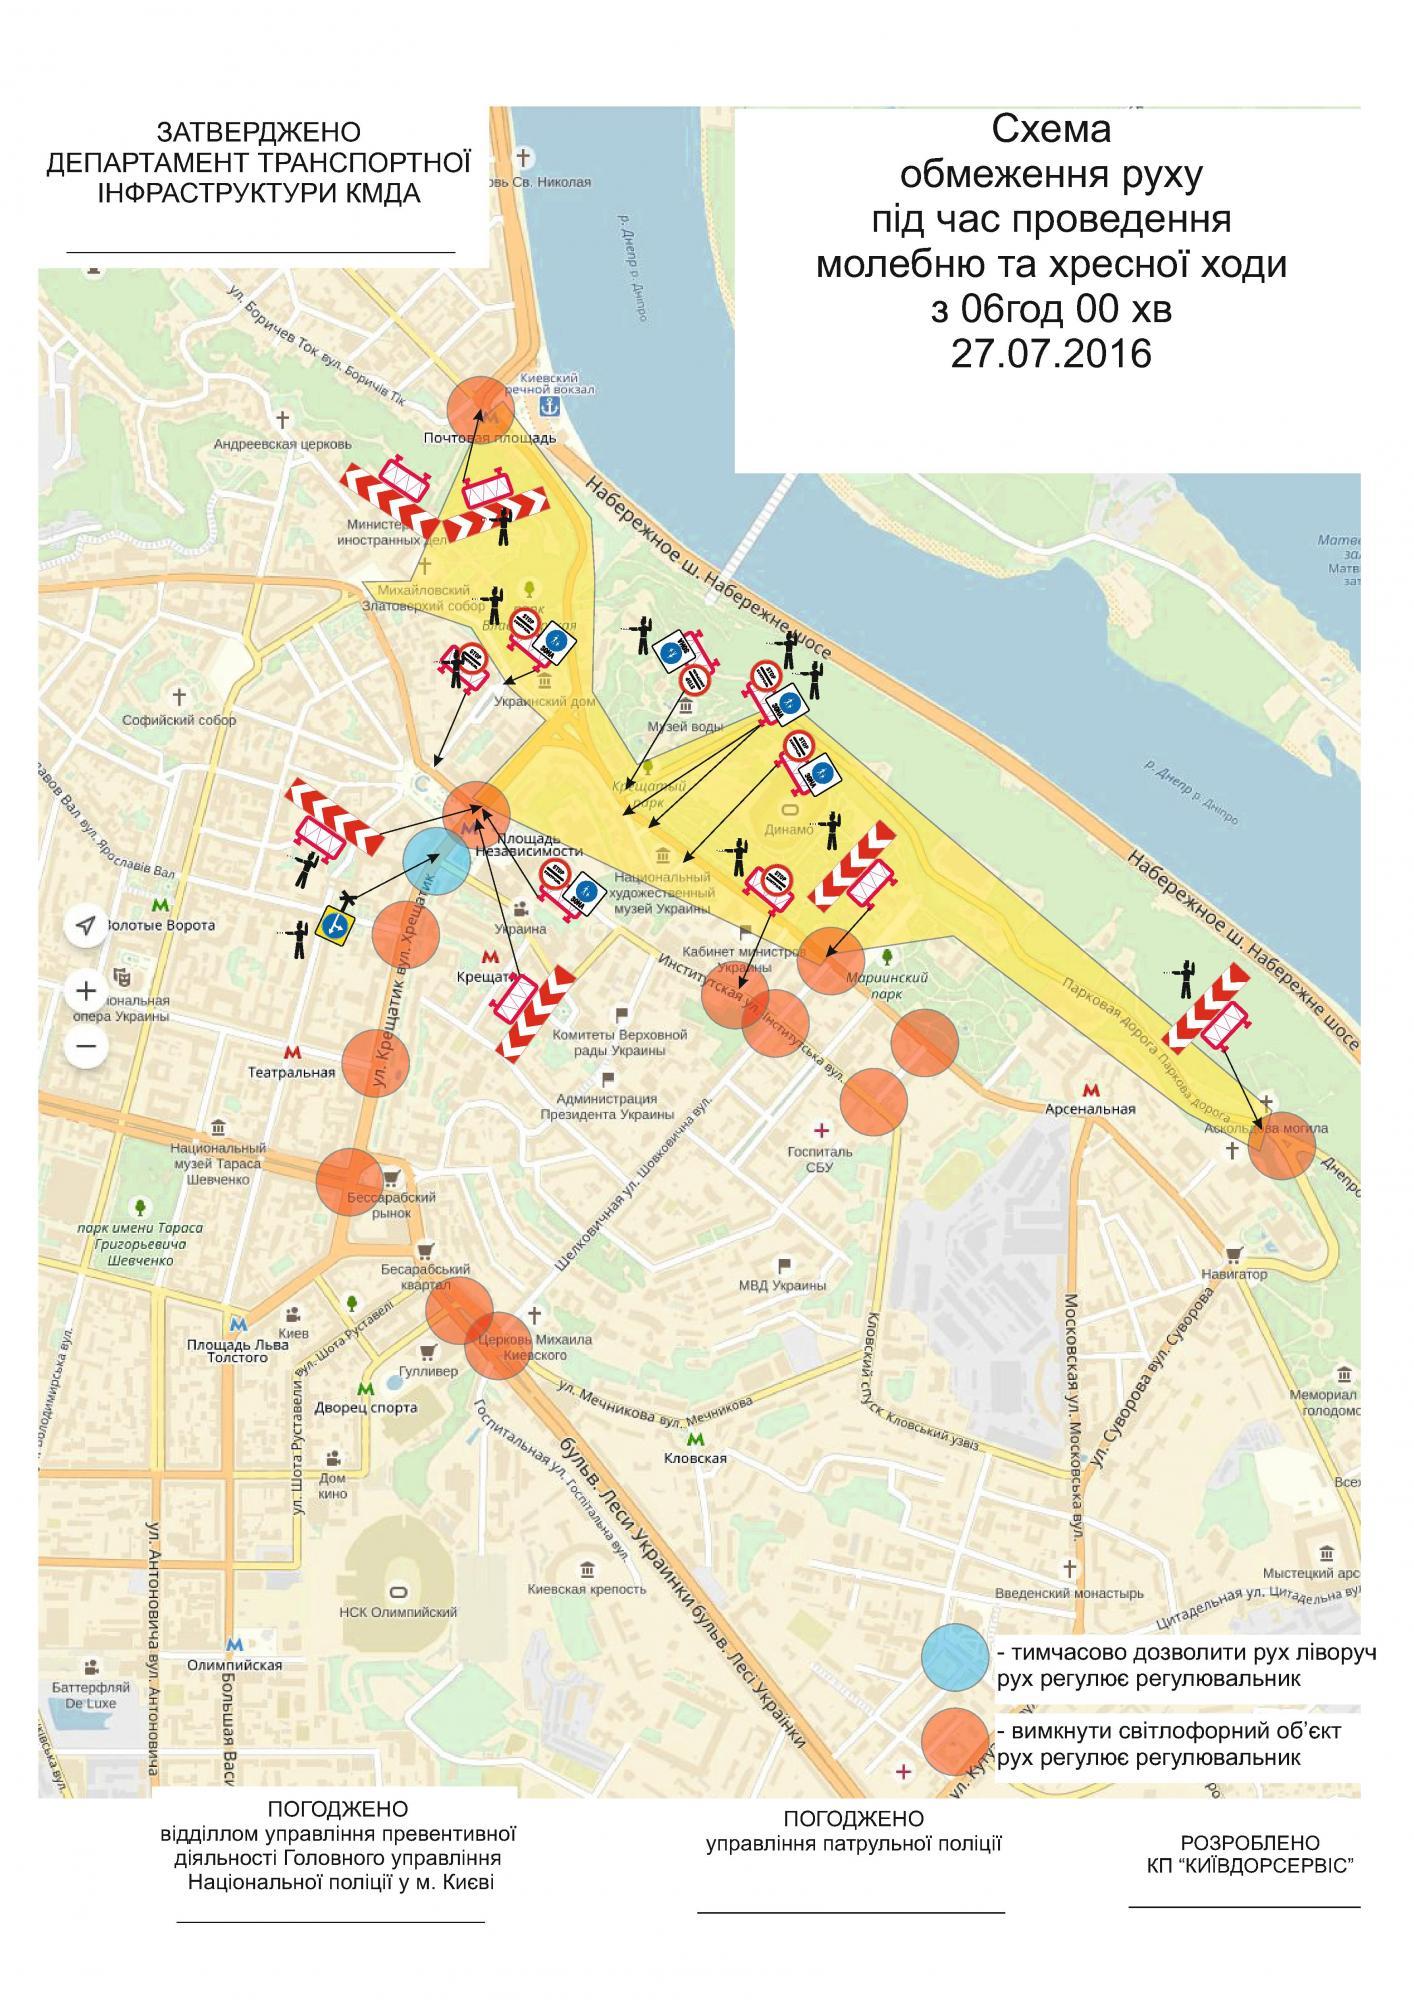 в Киеве ограничат движение из-за крестного хода